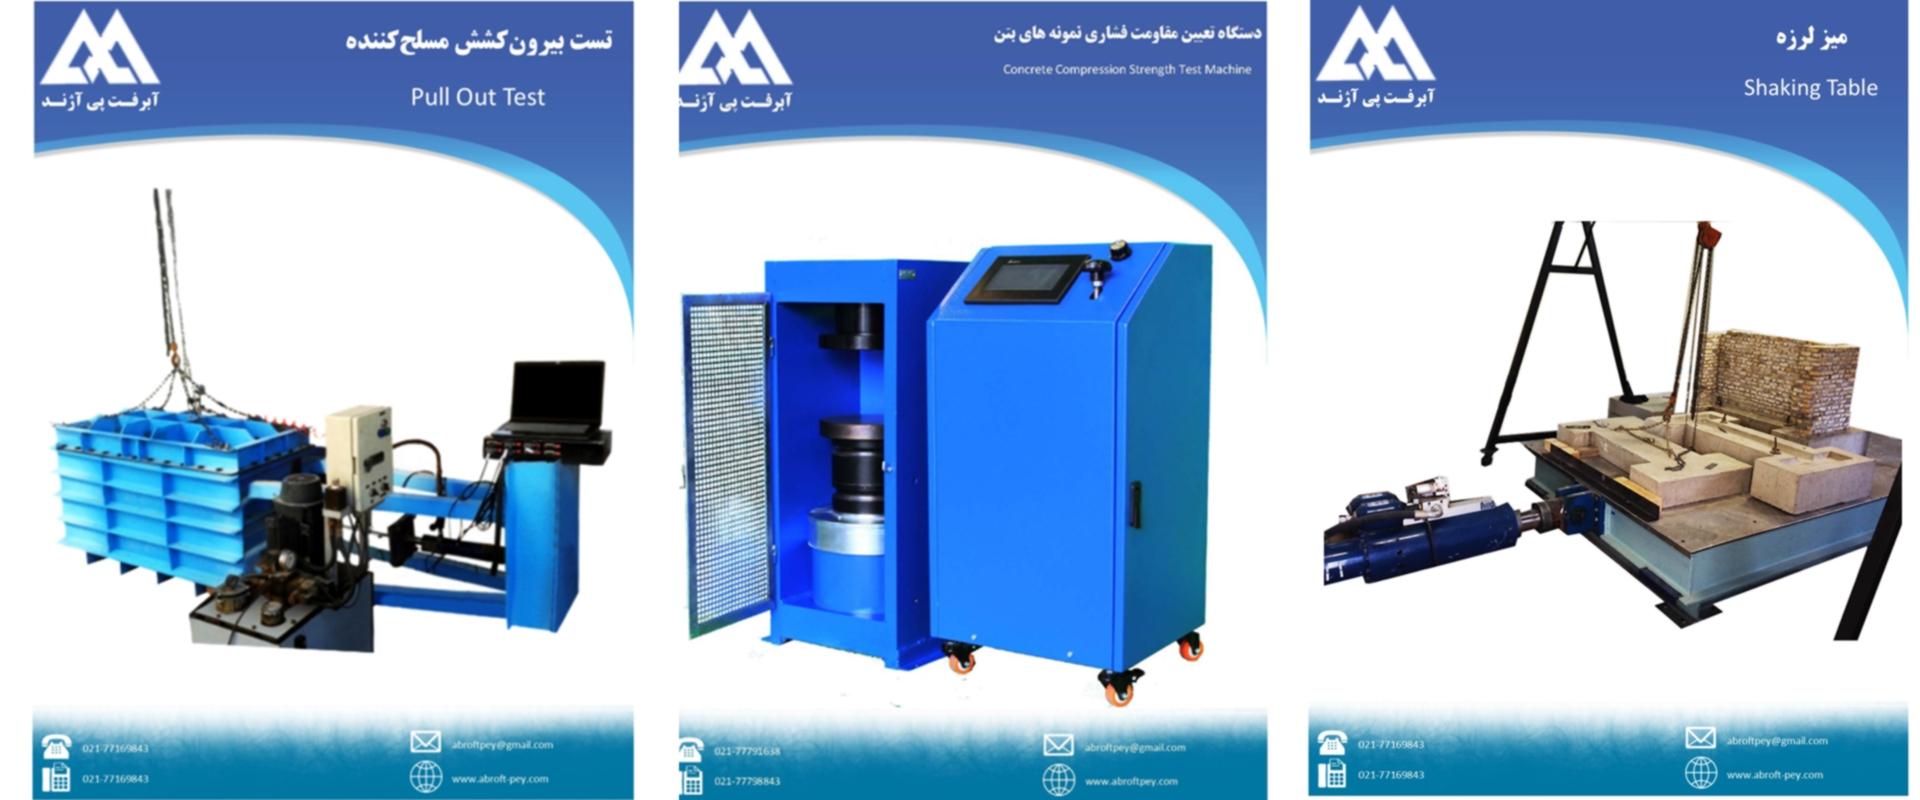 ساخت تجهیزات آزمایشگاهی عمومی و خاص